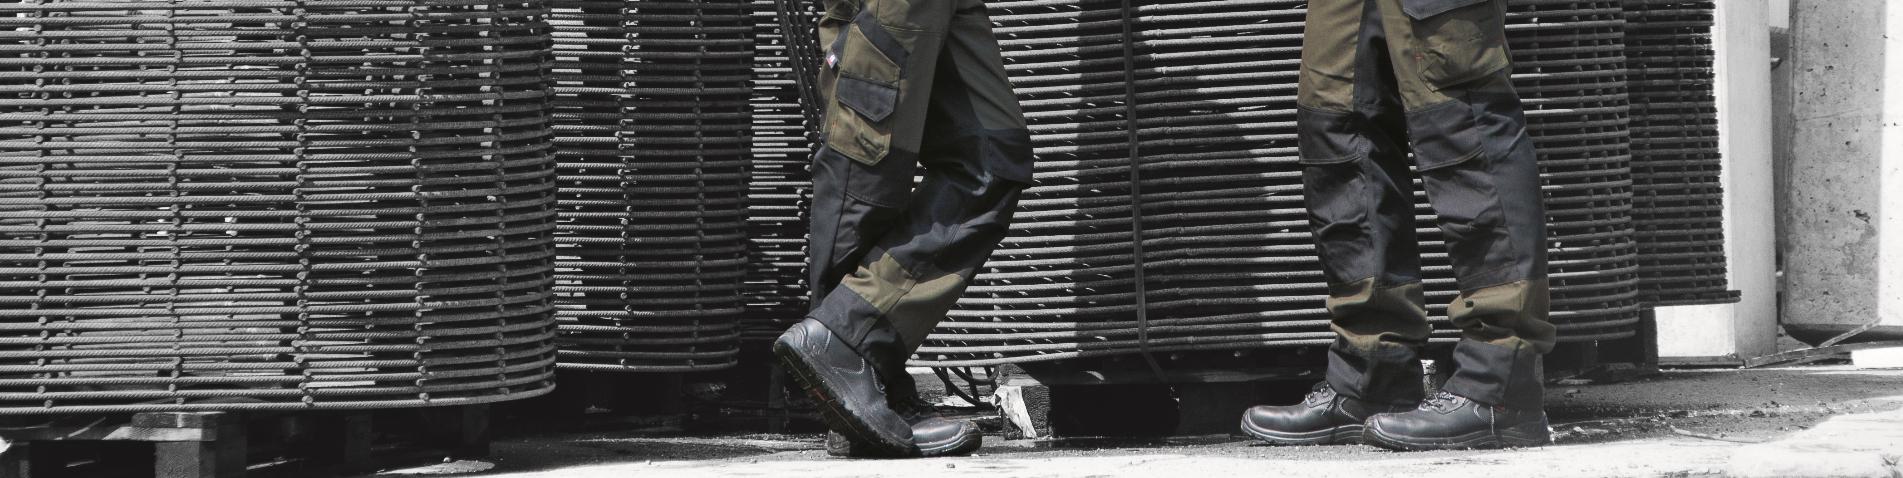 Hoveniers schoenen